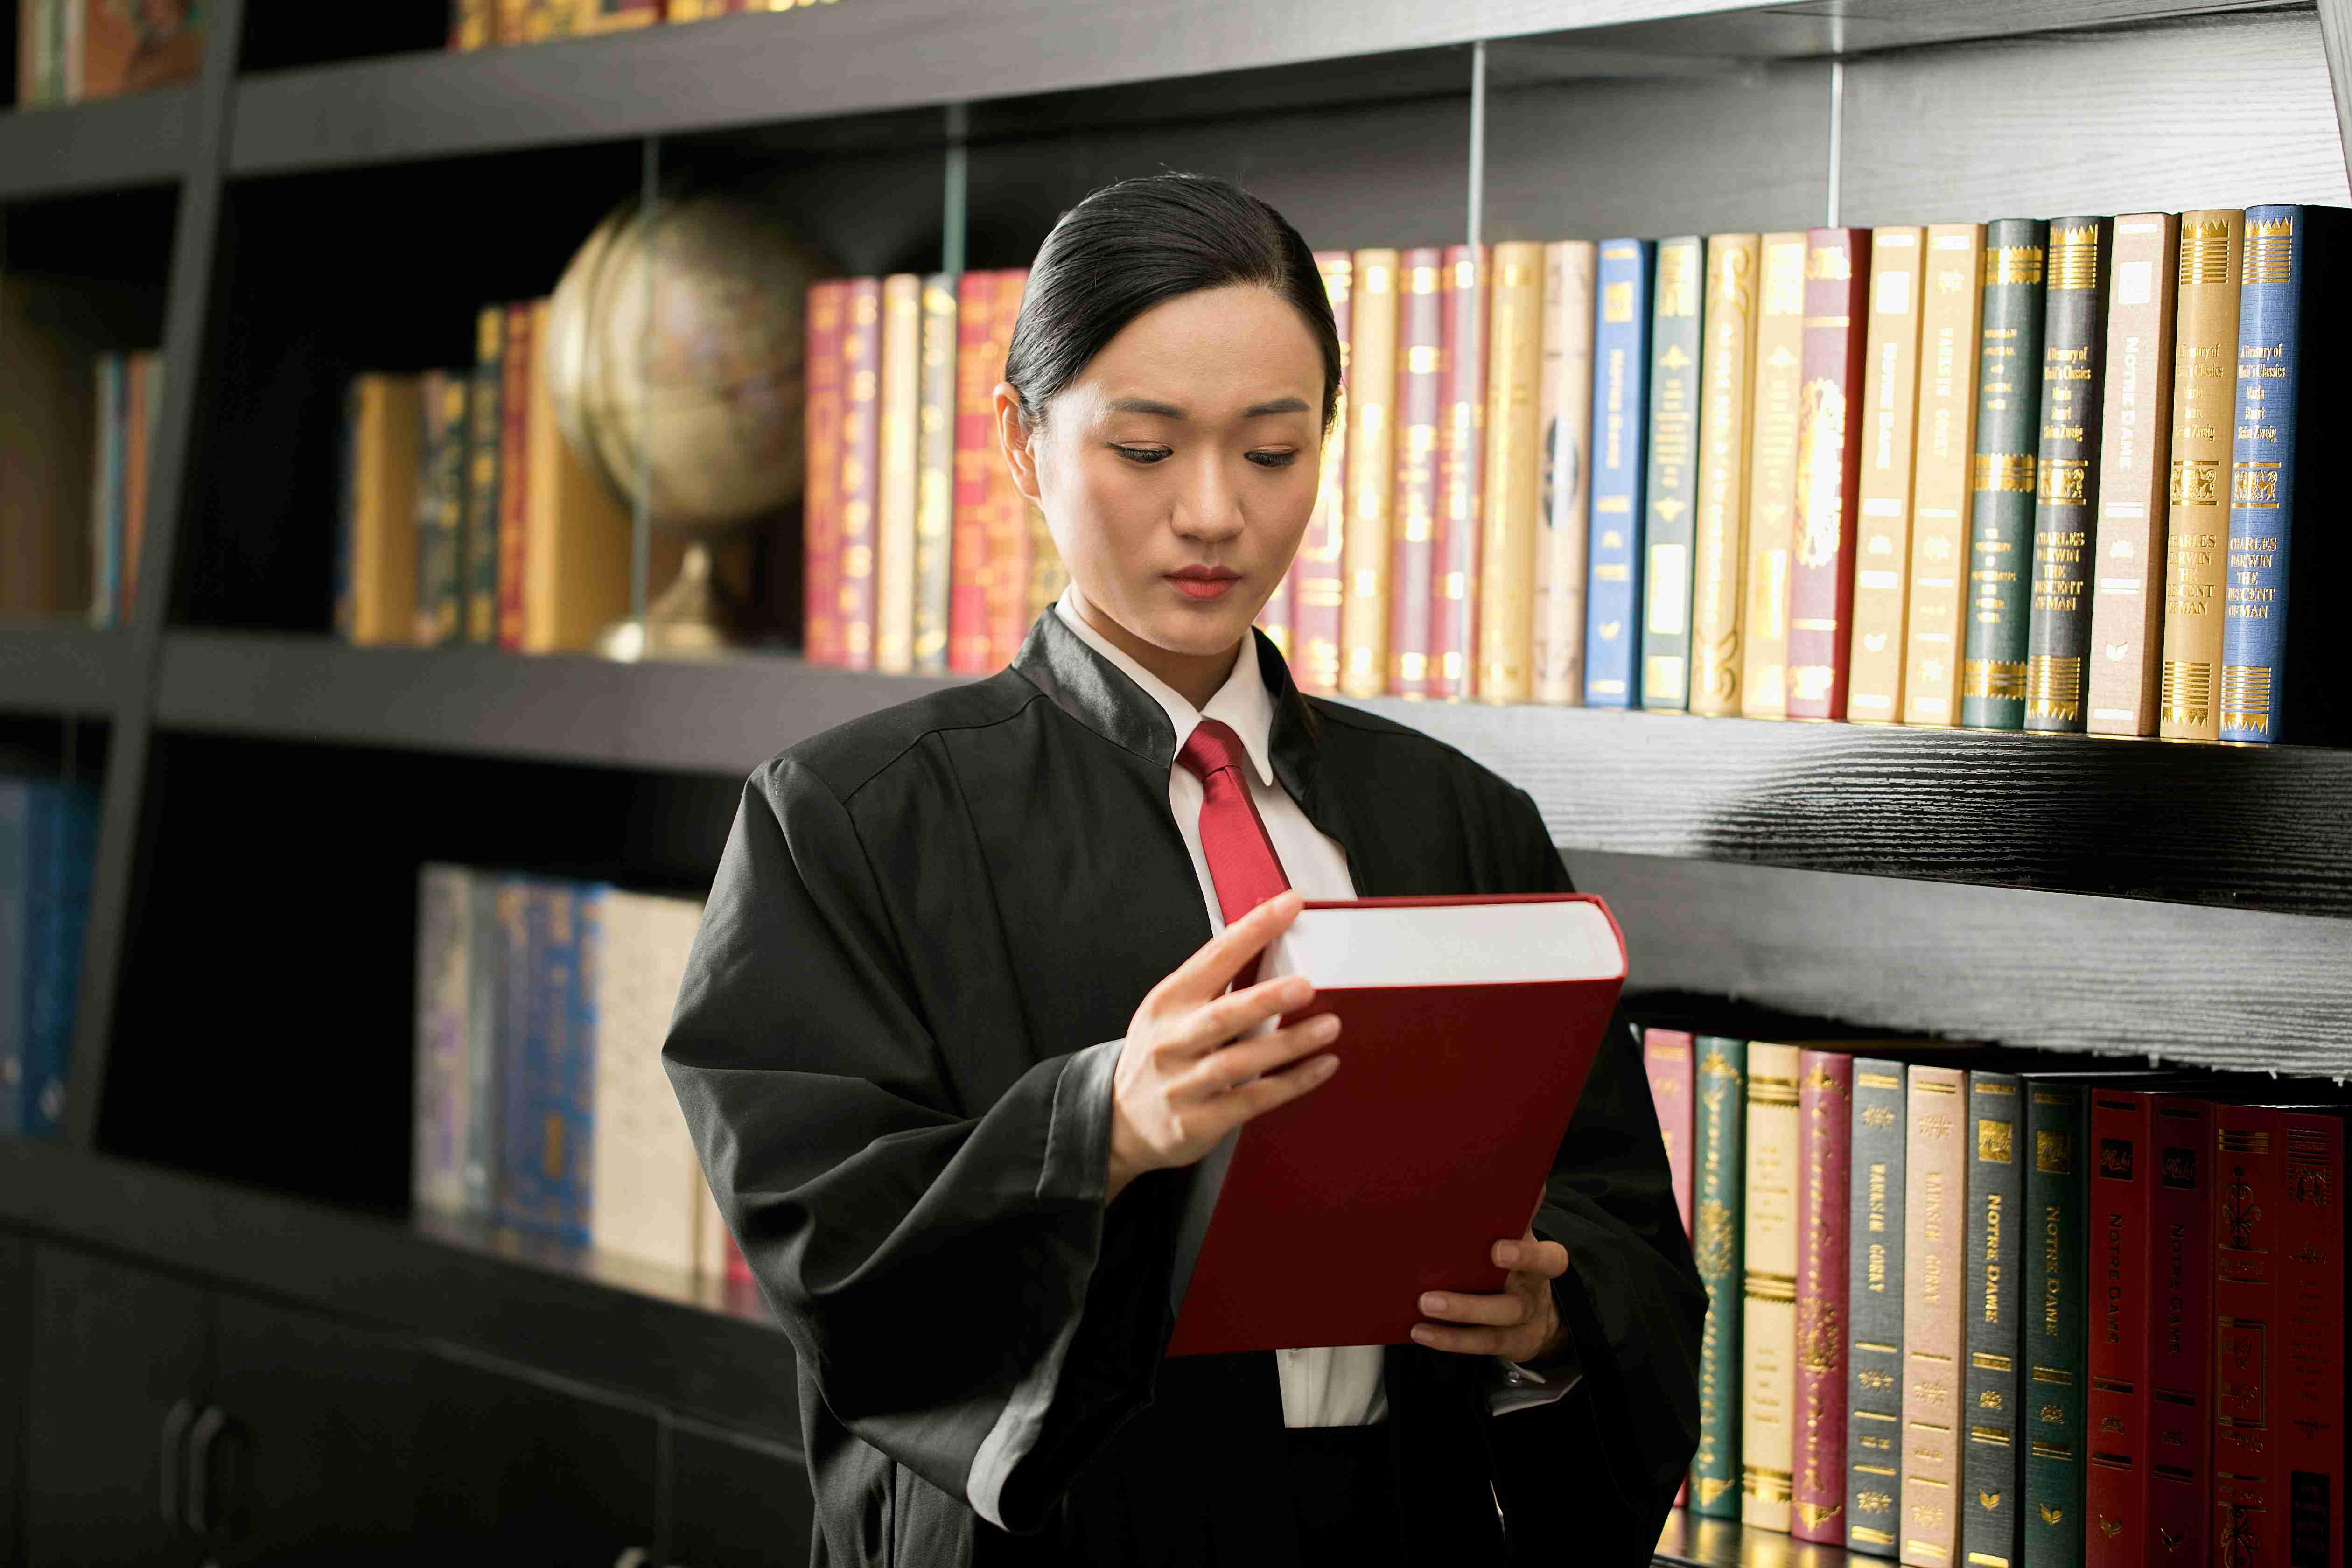 深圳知识产权律师教你如何正确咨询律师